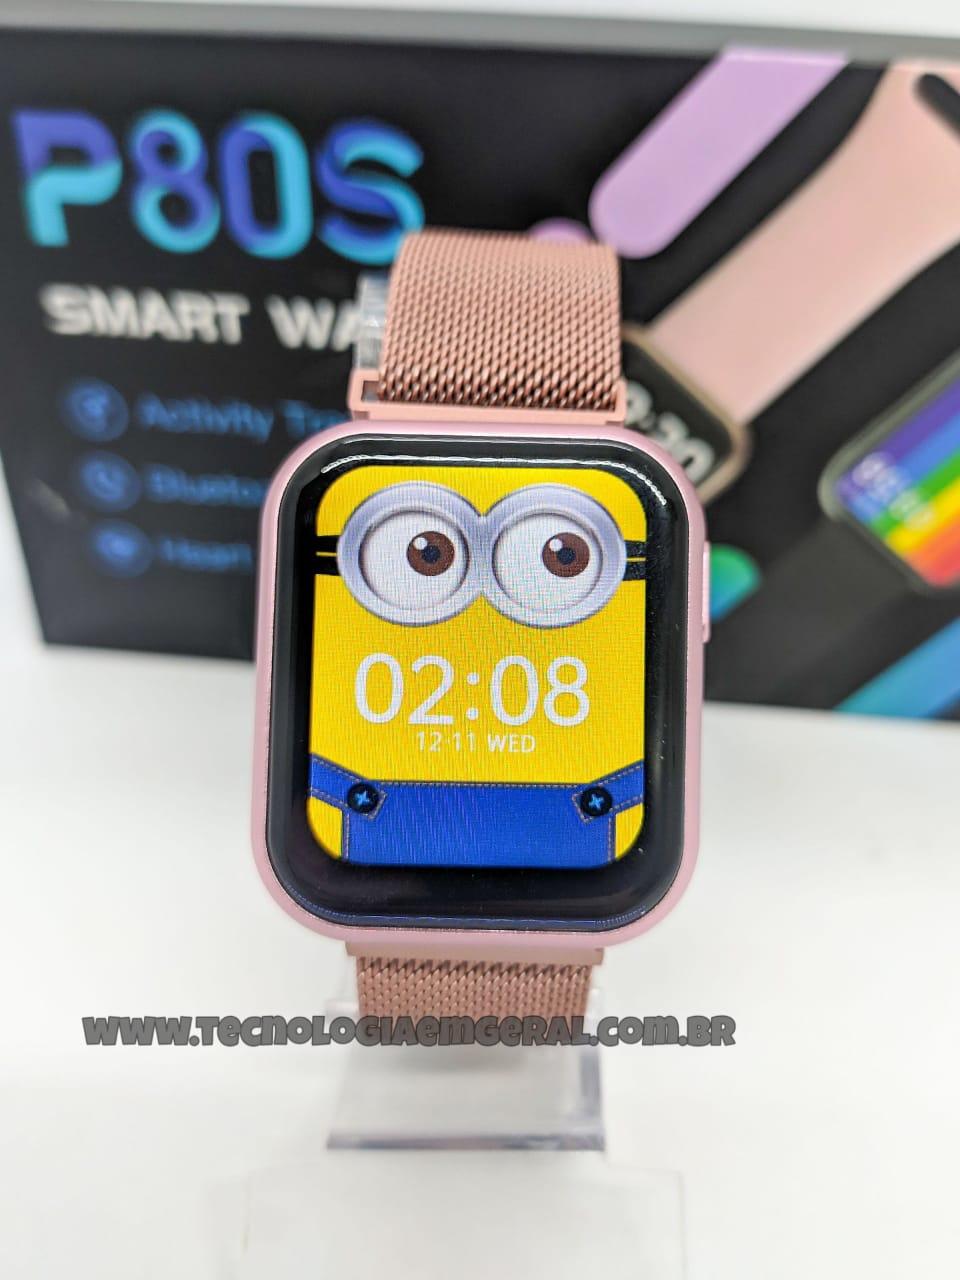 Relógio Smartwatch P80S